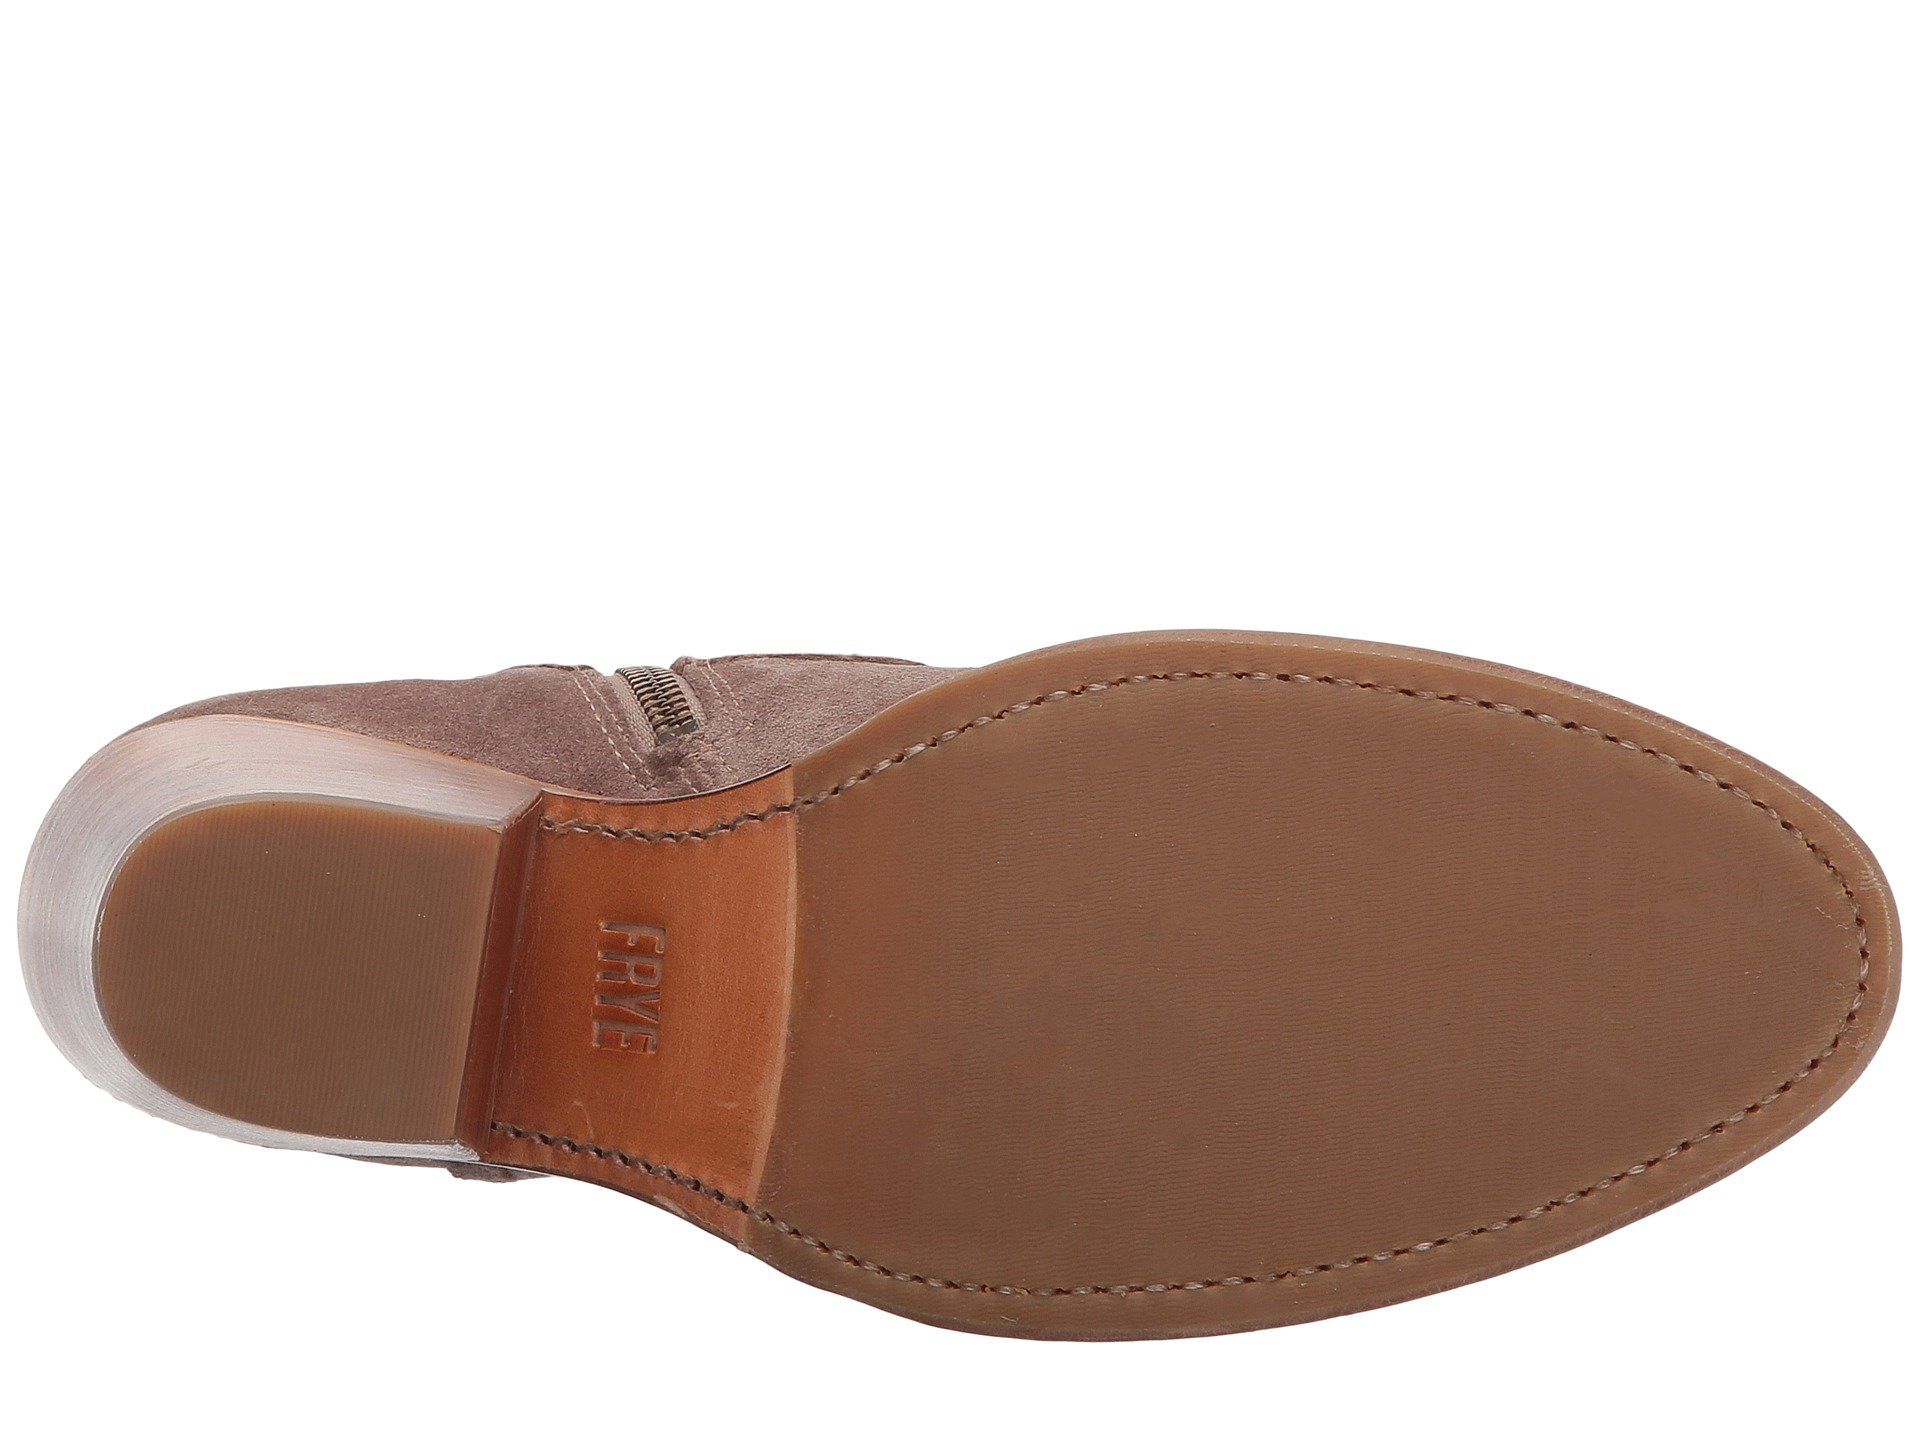 Chaps Dress Shoes Amazon